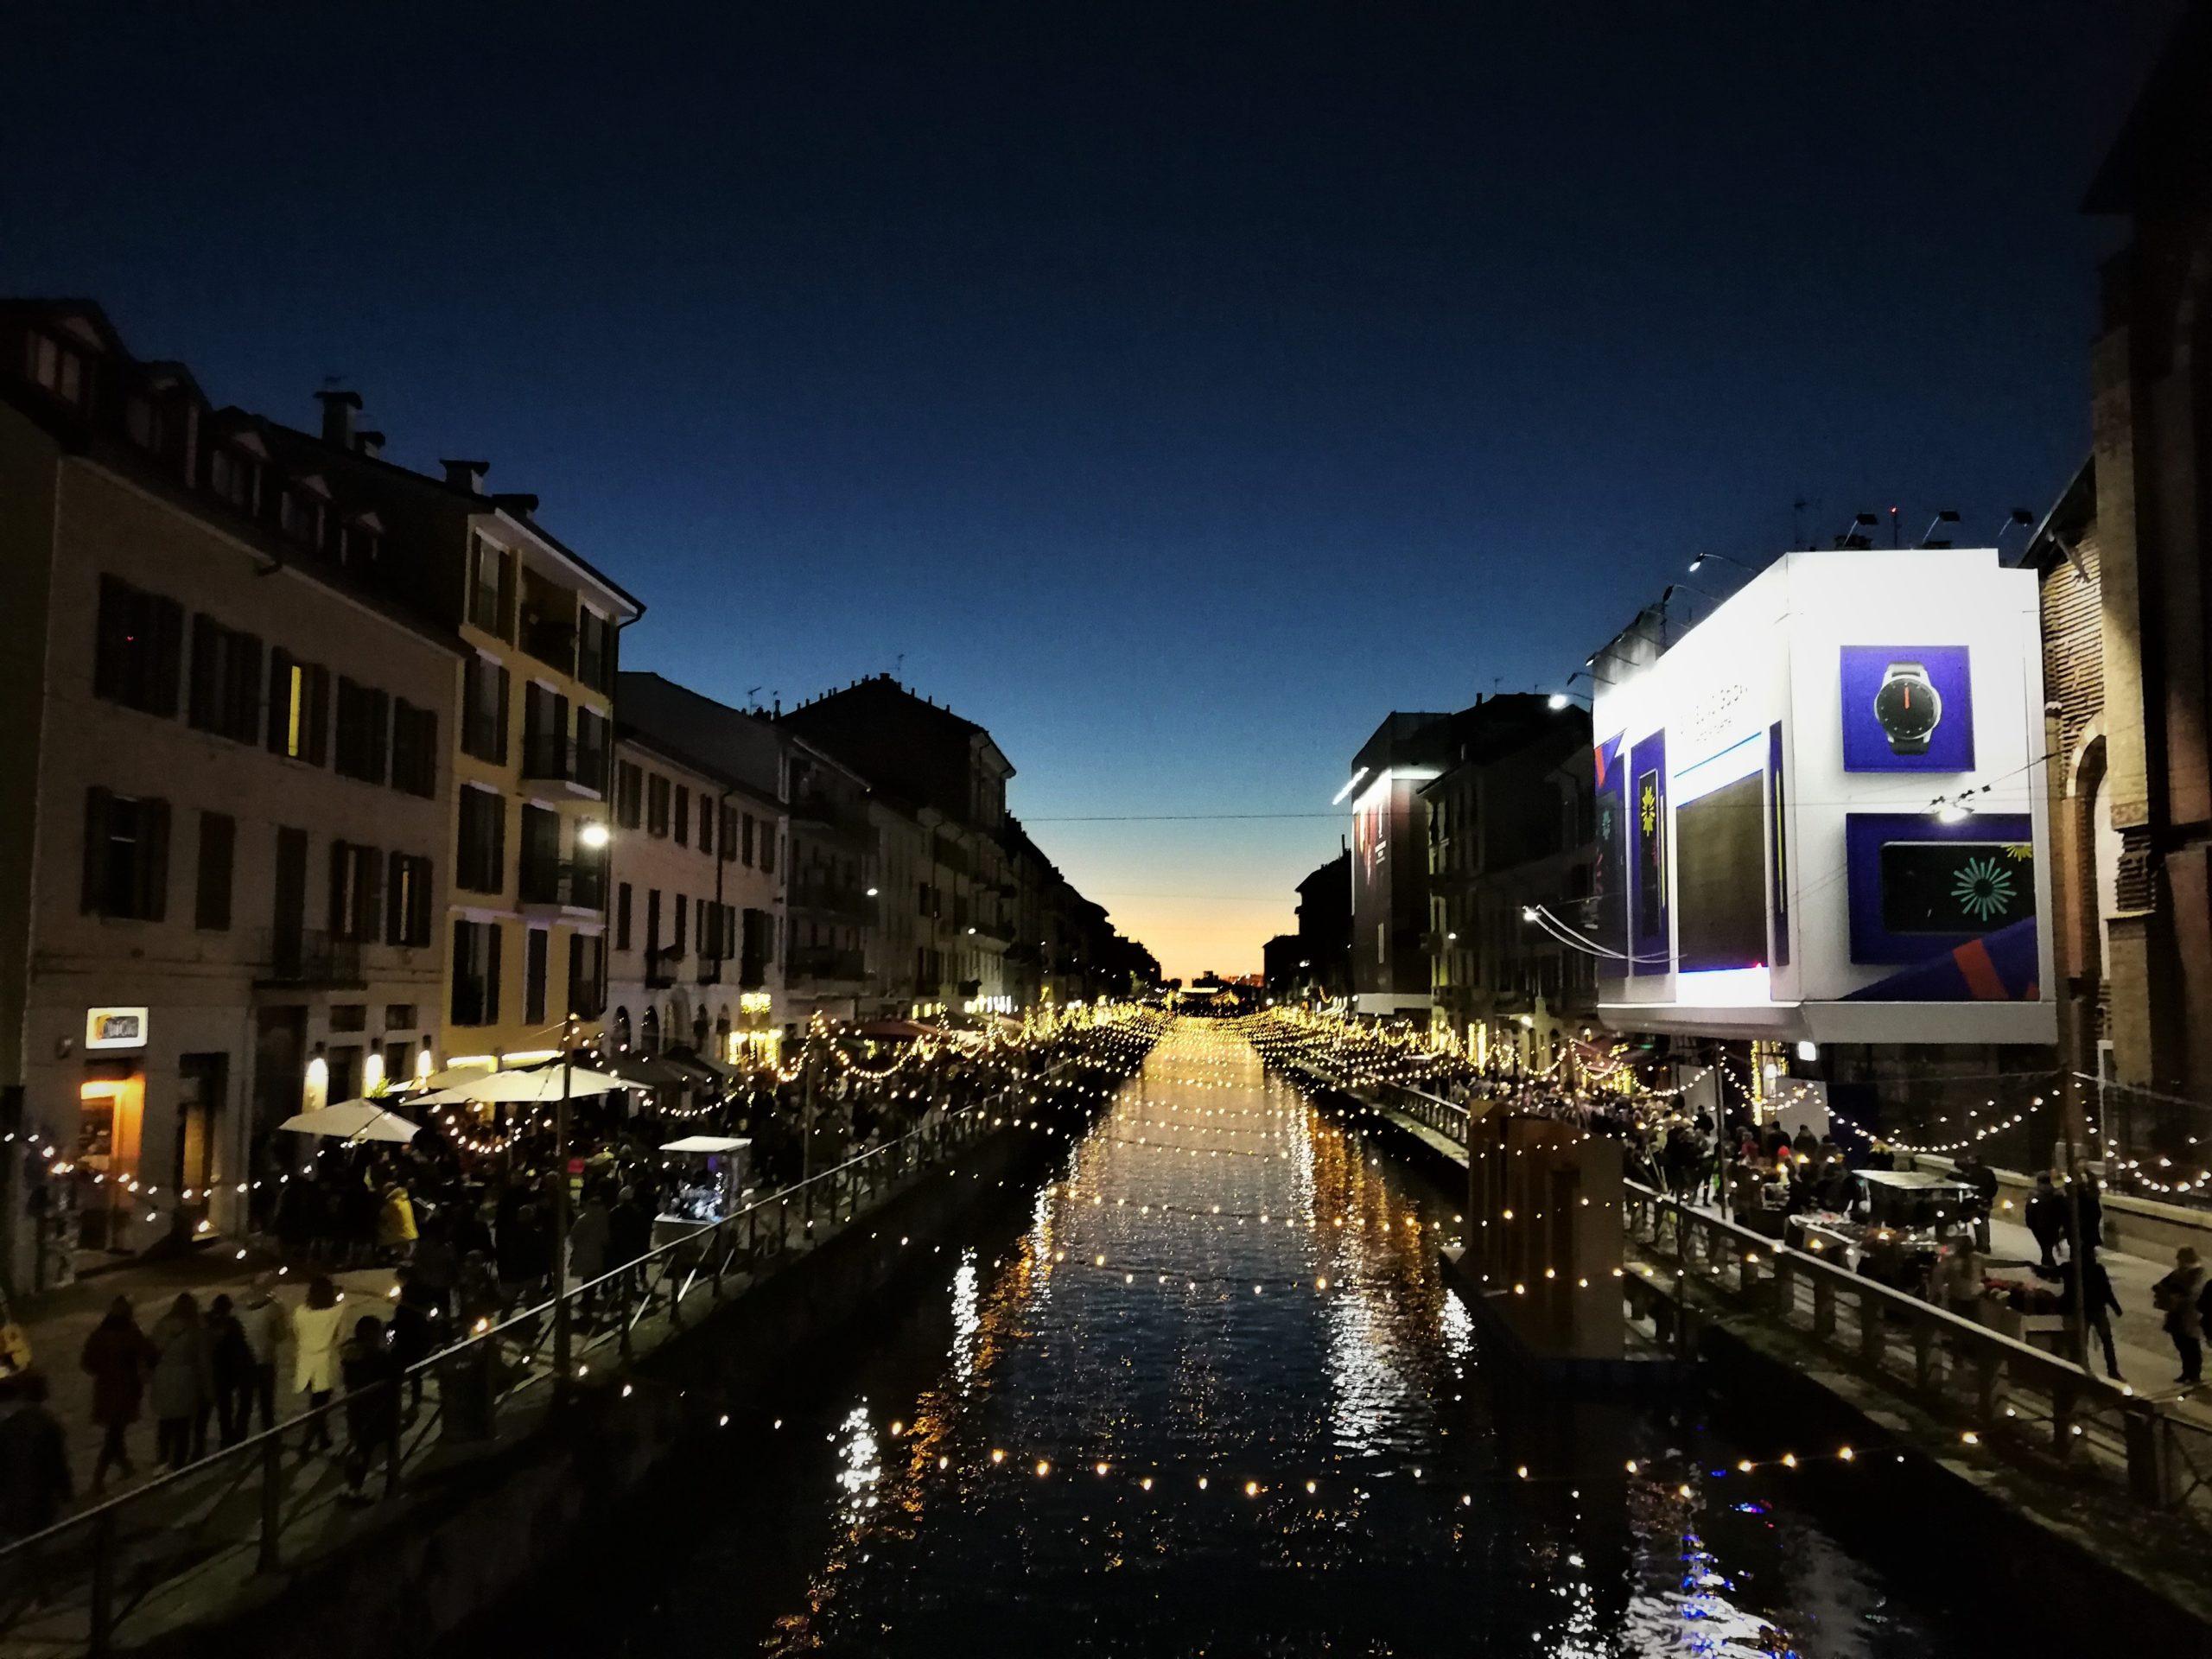 Gli eventi natalizi dell'Associazione culturale Milano in tour